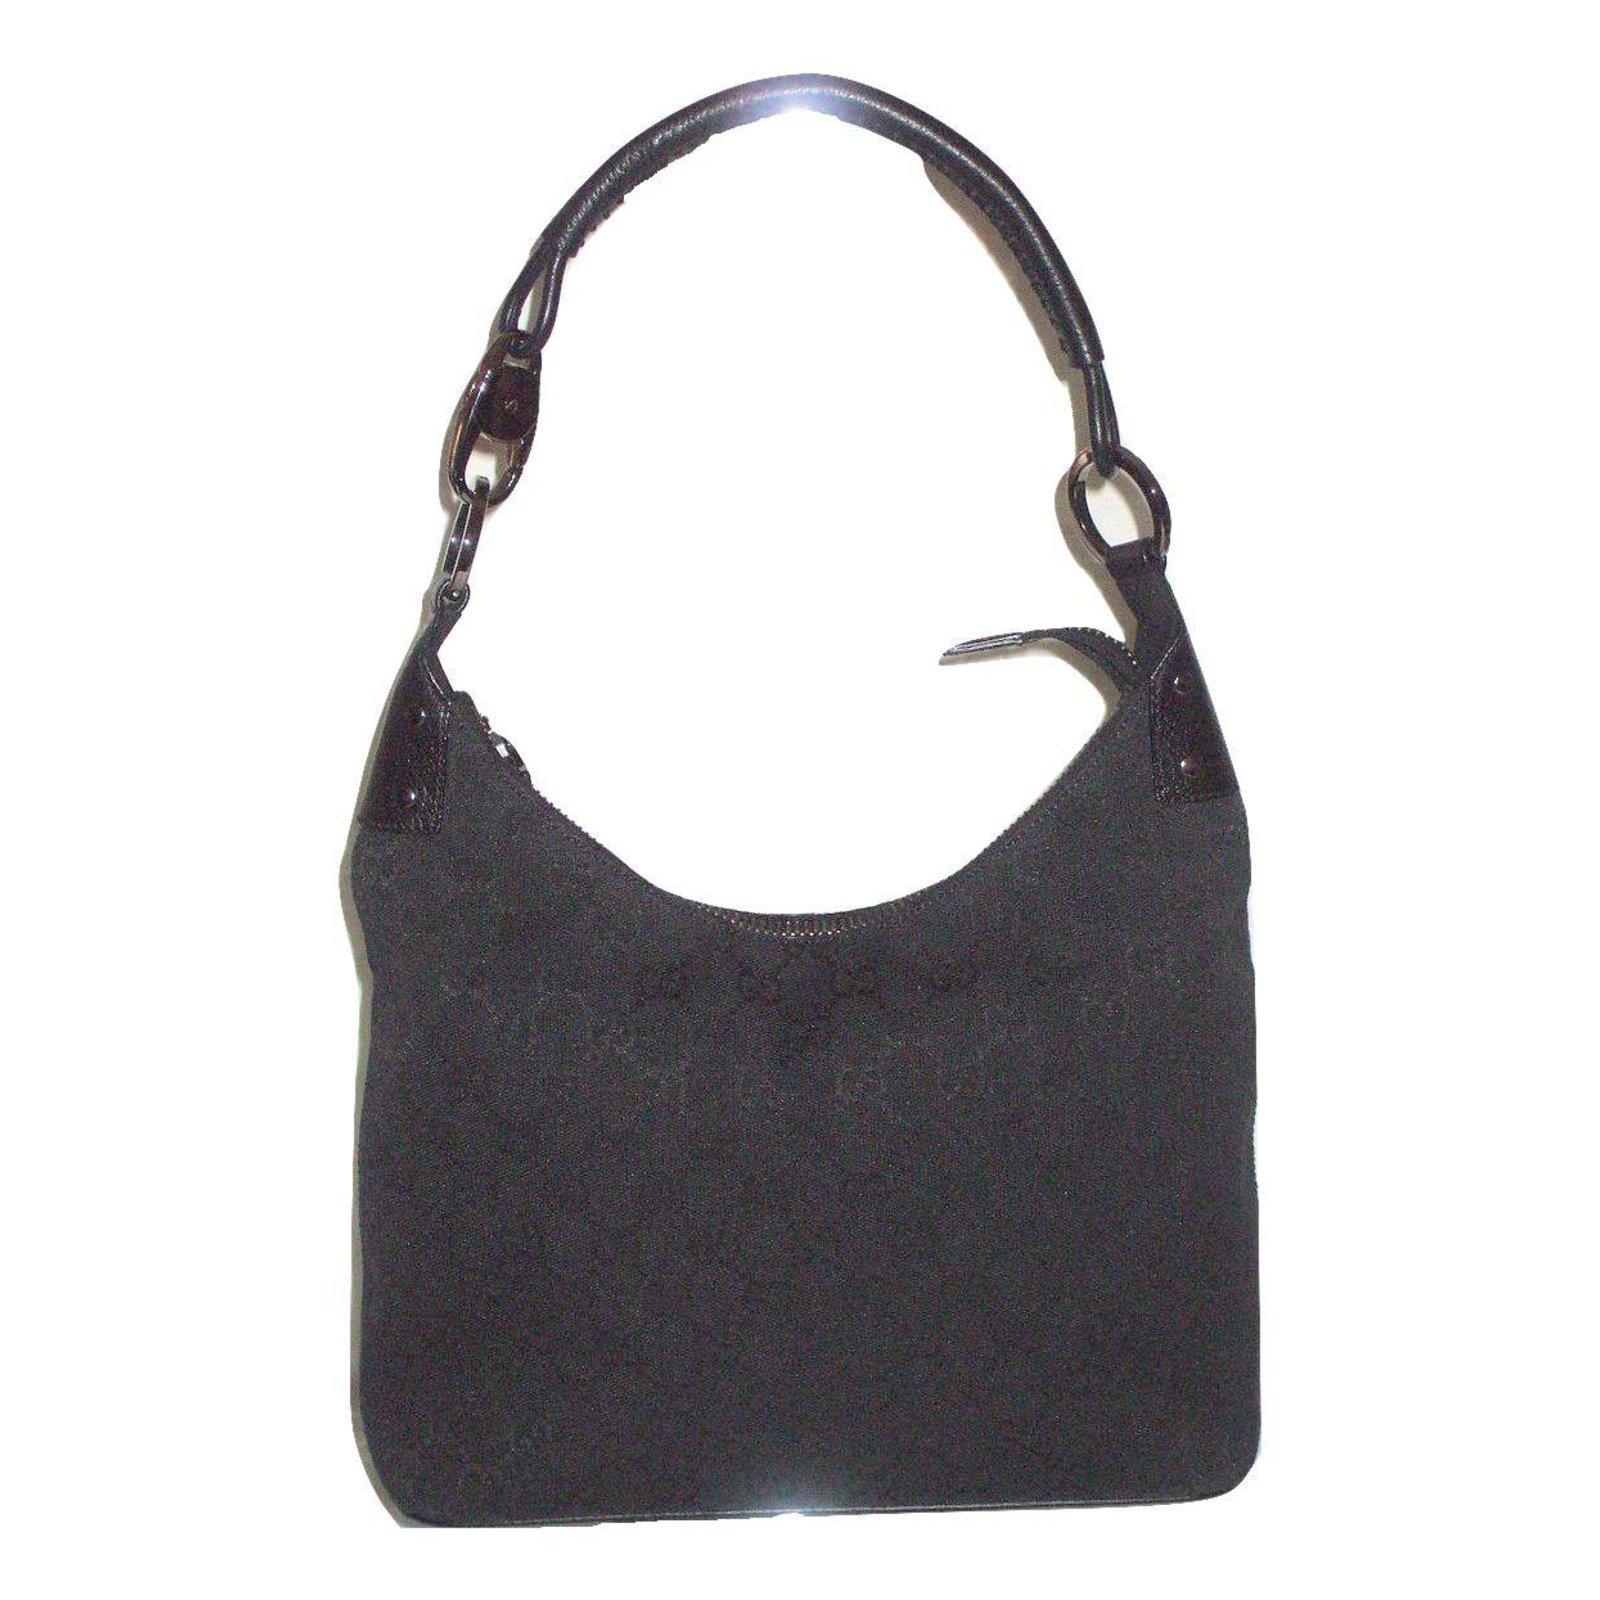 2649b4c8f93c Sacs à main Gucci Besace Tissu Noir ref.15052 - Joli Closet